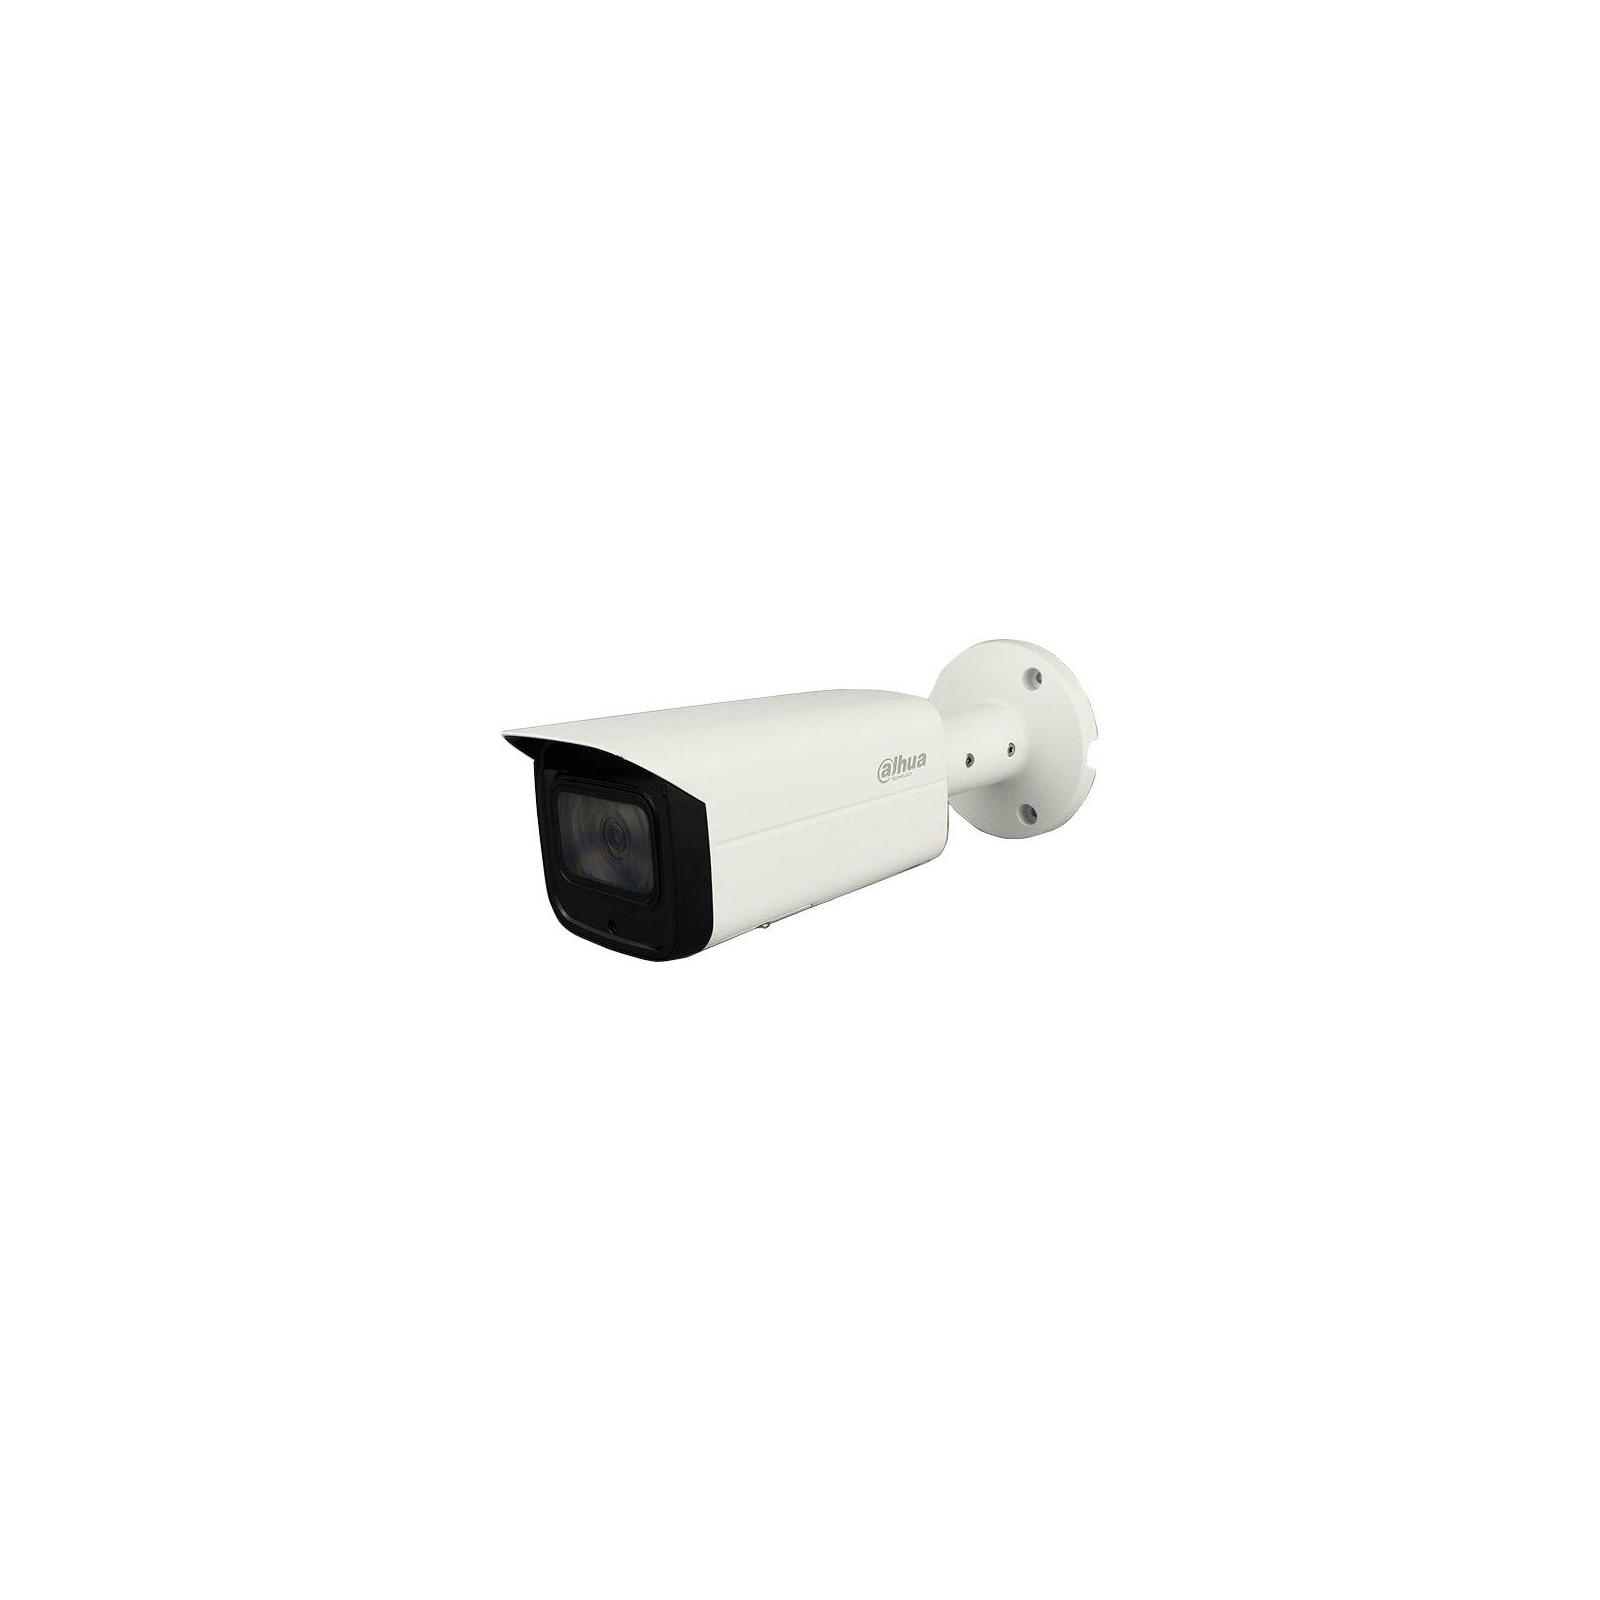 Камера видеонаблюдения Dahua DH-IPC-HFW4831TP-ASE (4.0) (04216-05552)